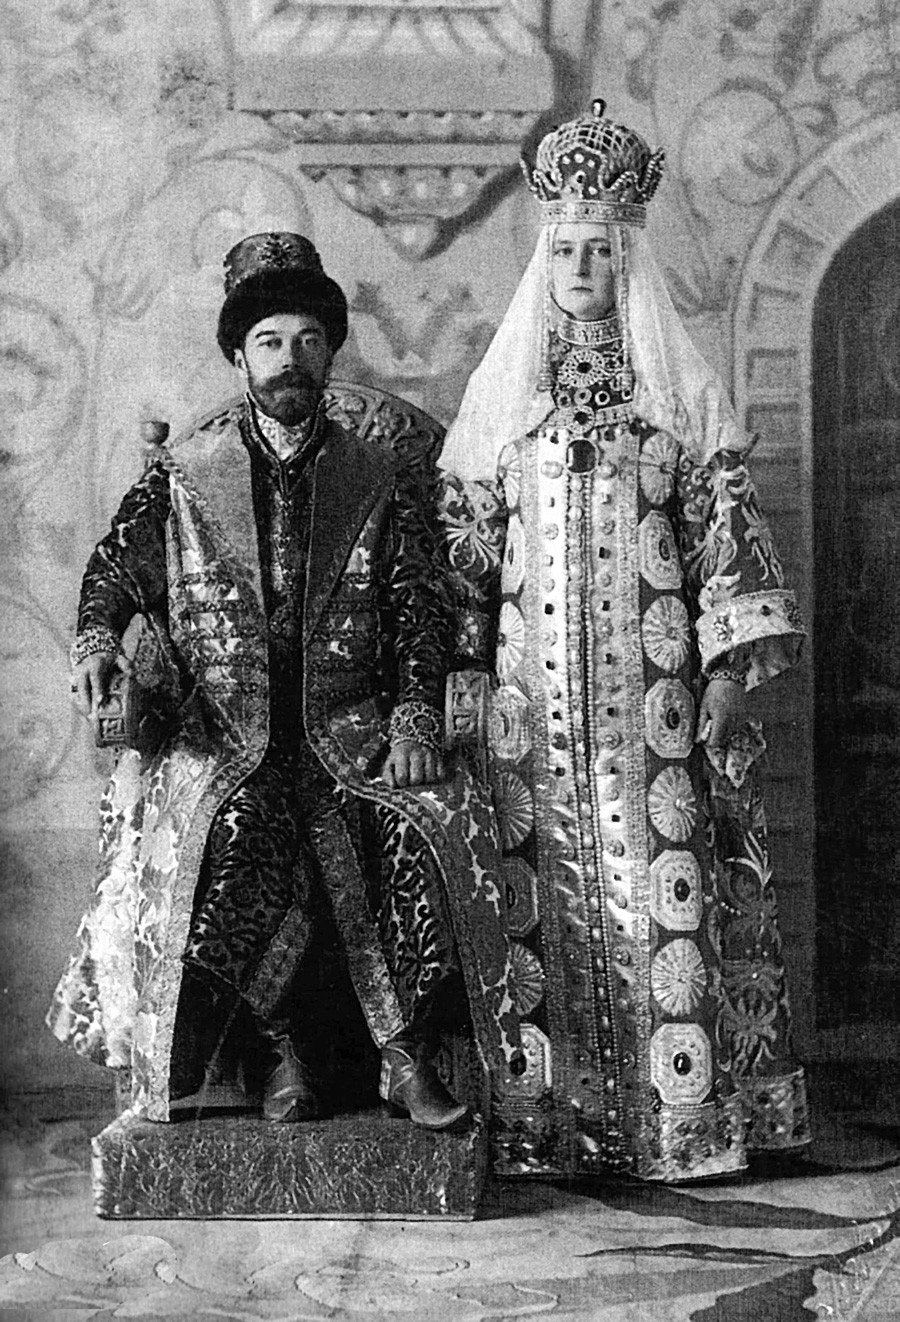 Nicolau 2º e Aleksandra Fiodorovna (Alix de Hesse) em trajes russos. 1913, Celebração do 300º aniversário da dinastia Romanov